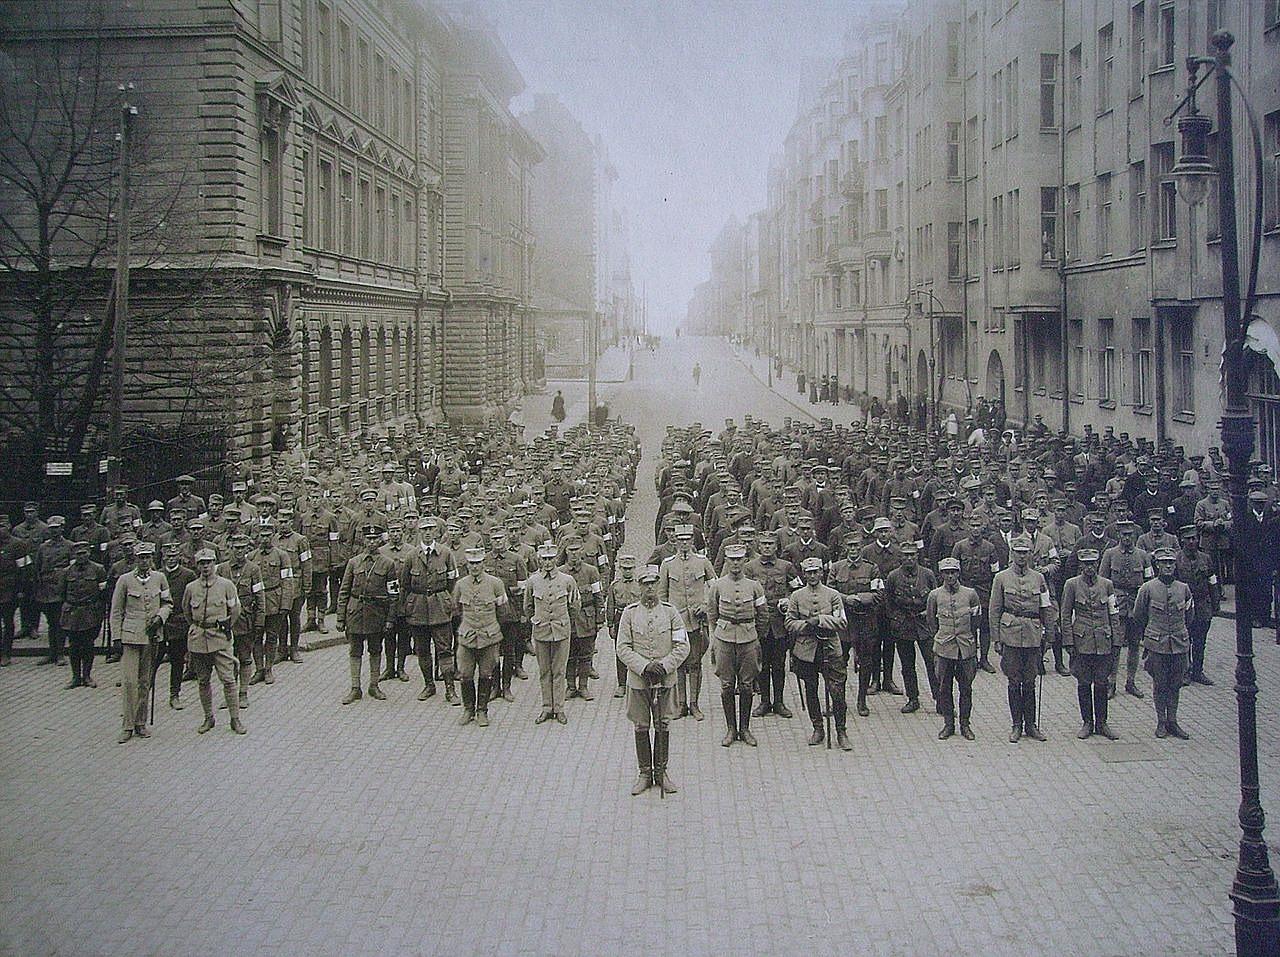 Den Svenska Brigaden bestod av enbart frivilliga soldater, både officerare och manskap. Omkring 400 svenskar ingick i den men därtill fanns ett minst lika stort antal frivilliga rikssvenskar som tog värvning direkt i den finska armén. 31 rikssvenskar stupade i Tammerfors och 55 sårades.